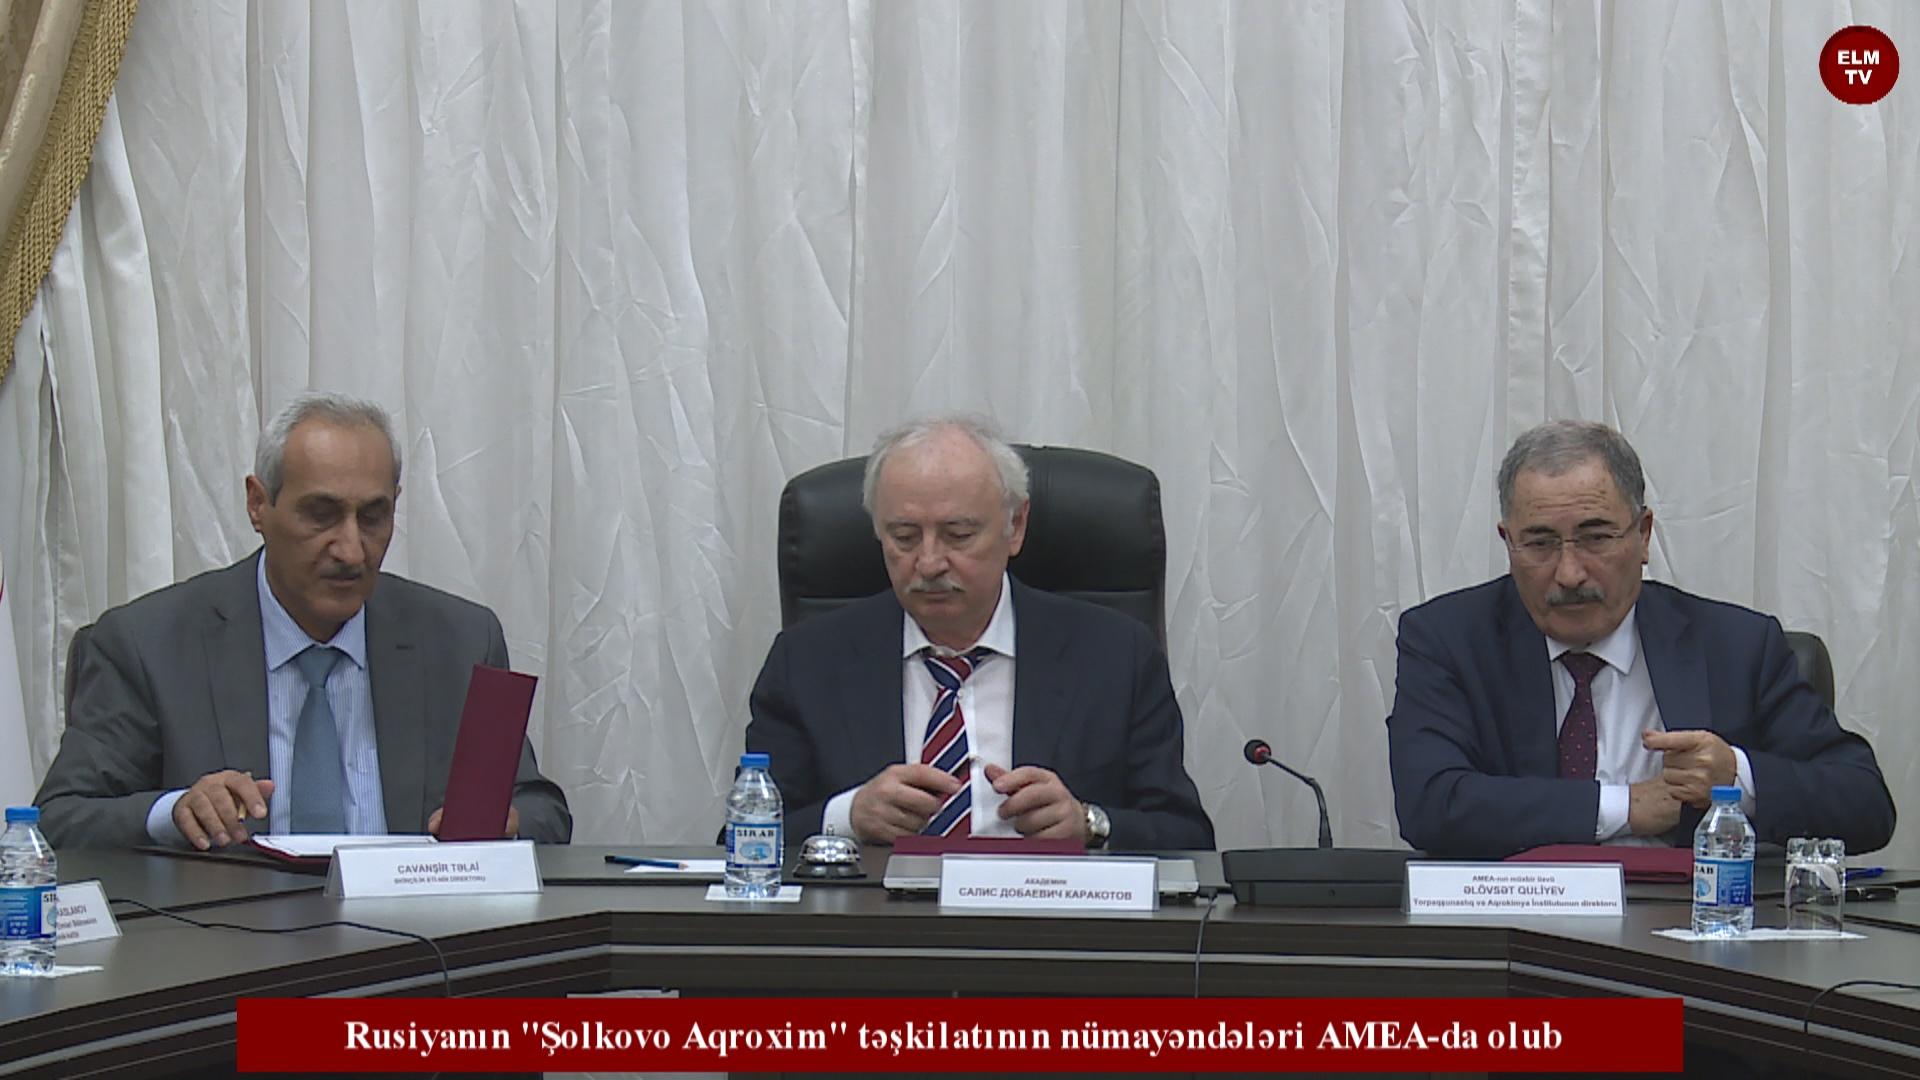 """Rusiyanın """"Şolkovo Aqroxim"""" təşkilatının nümayəndələri AMEA-da olub"""